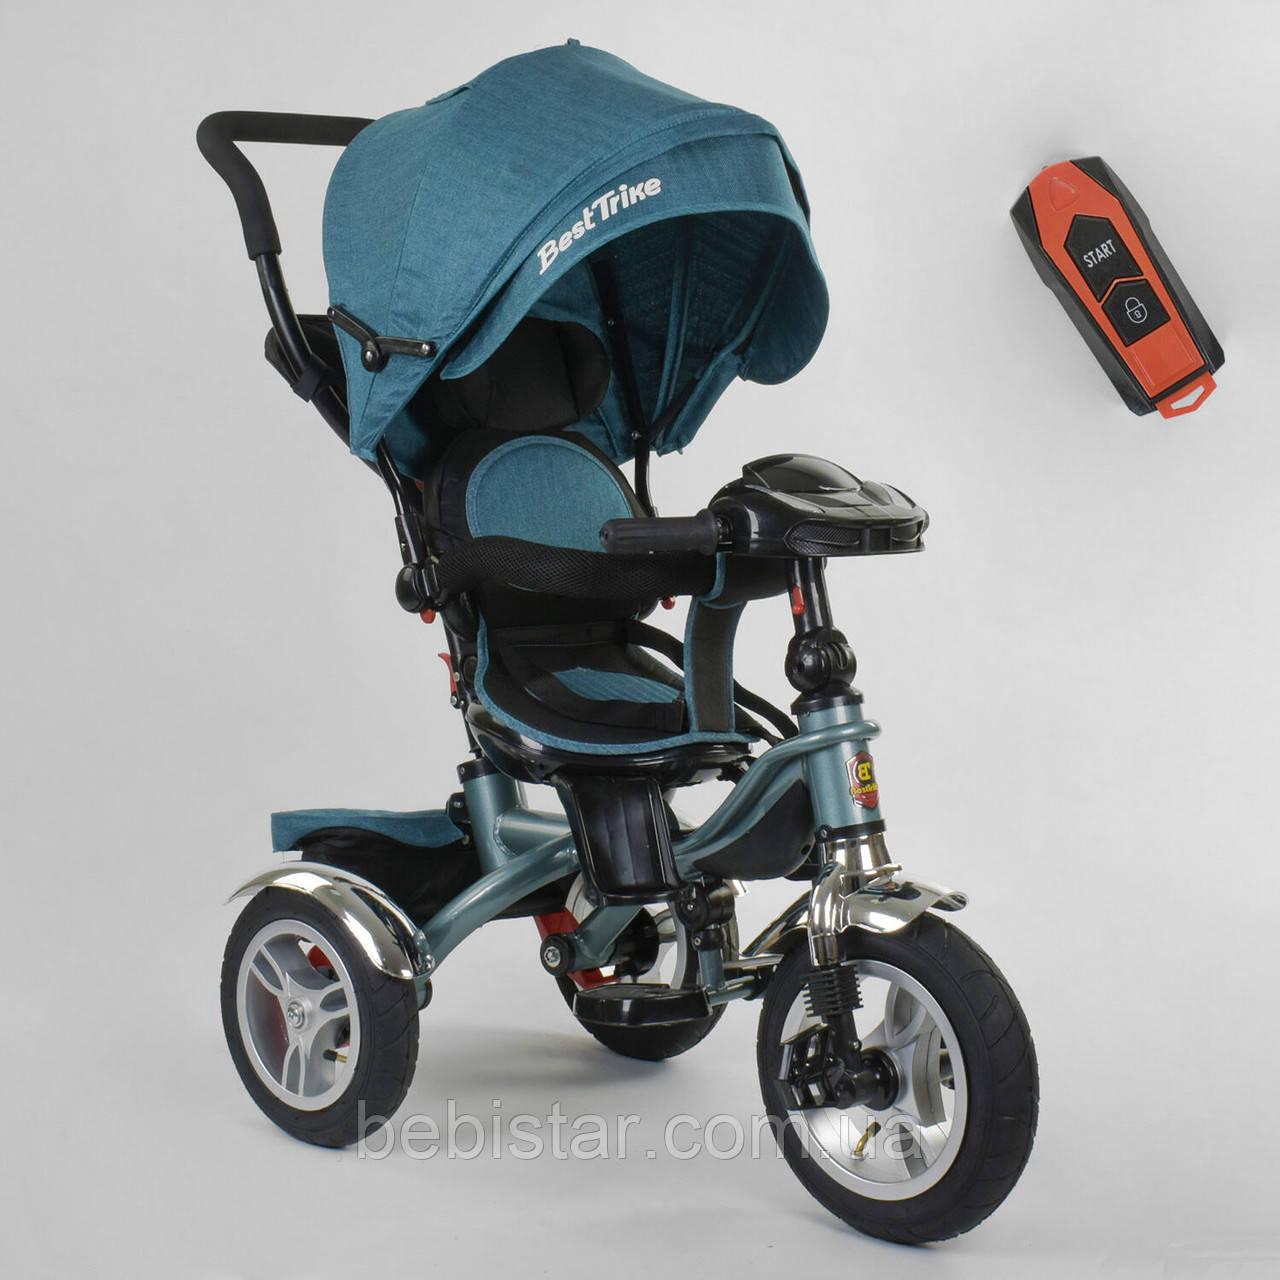 Детский трехколесный велосипед бирюзовый Best Trike 5890 фара с USB пульт поворотное сидение надувные колеса